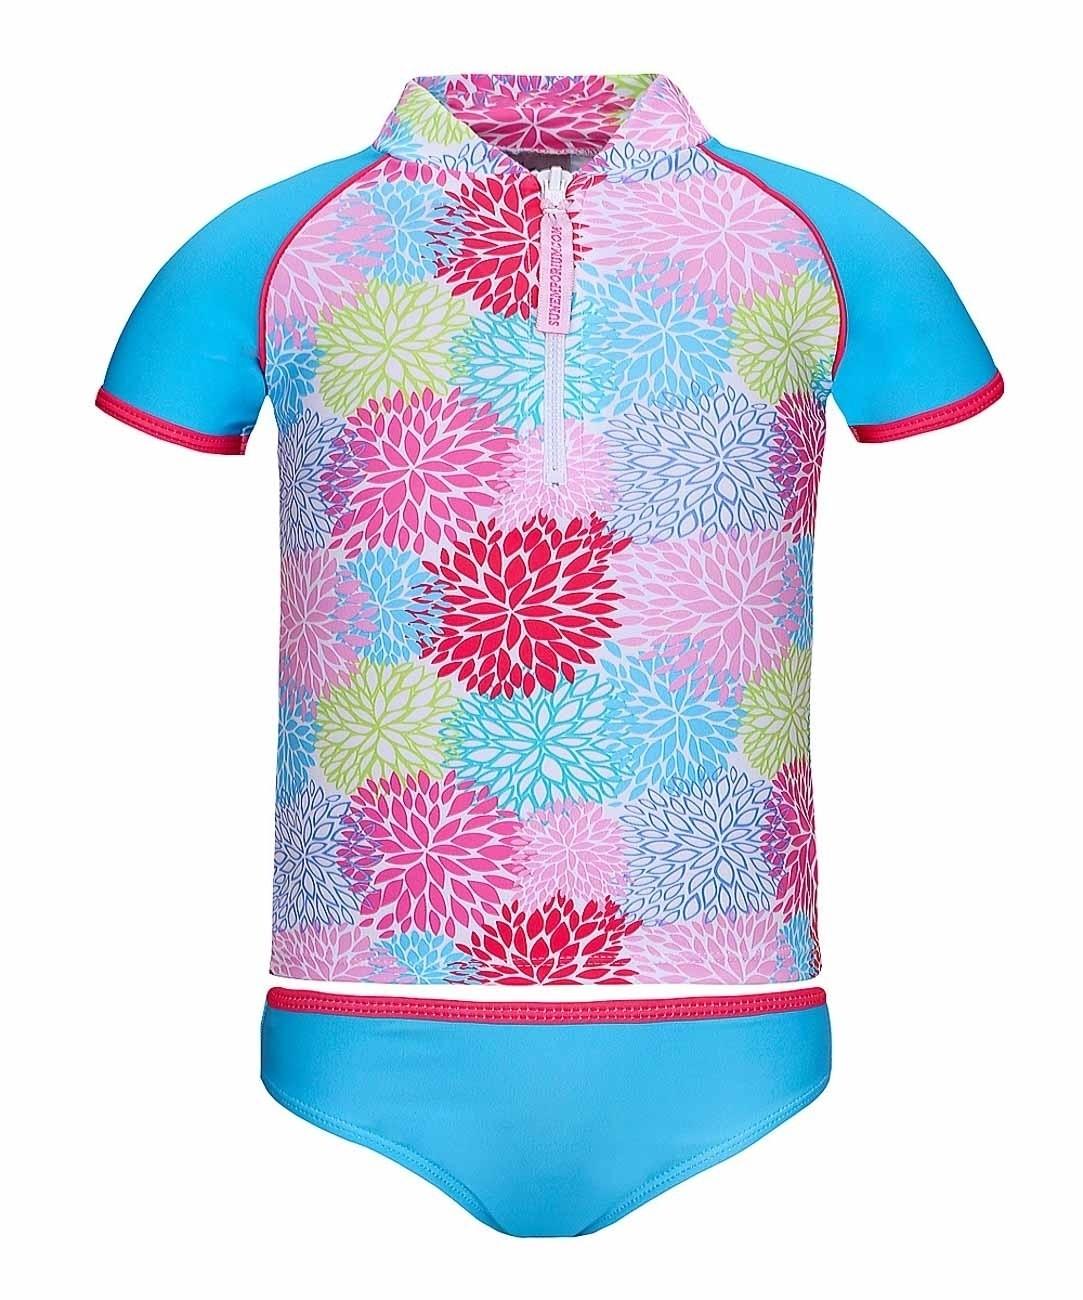 Girls rash shirt front zip bikini set for What is a rash shirt